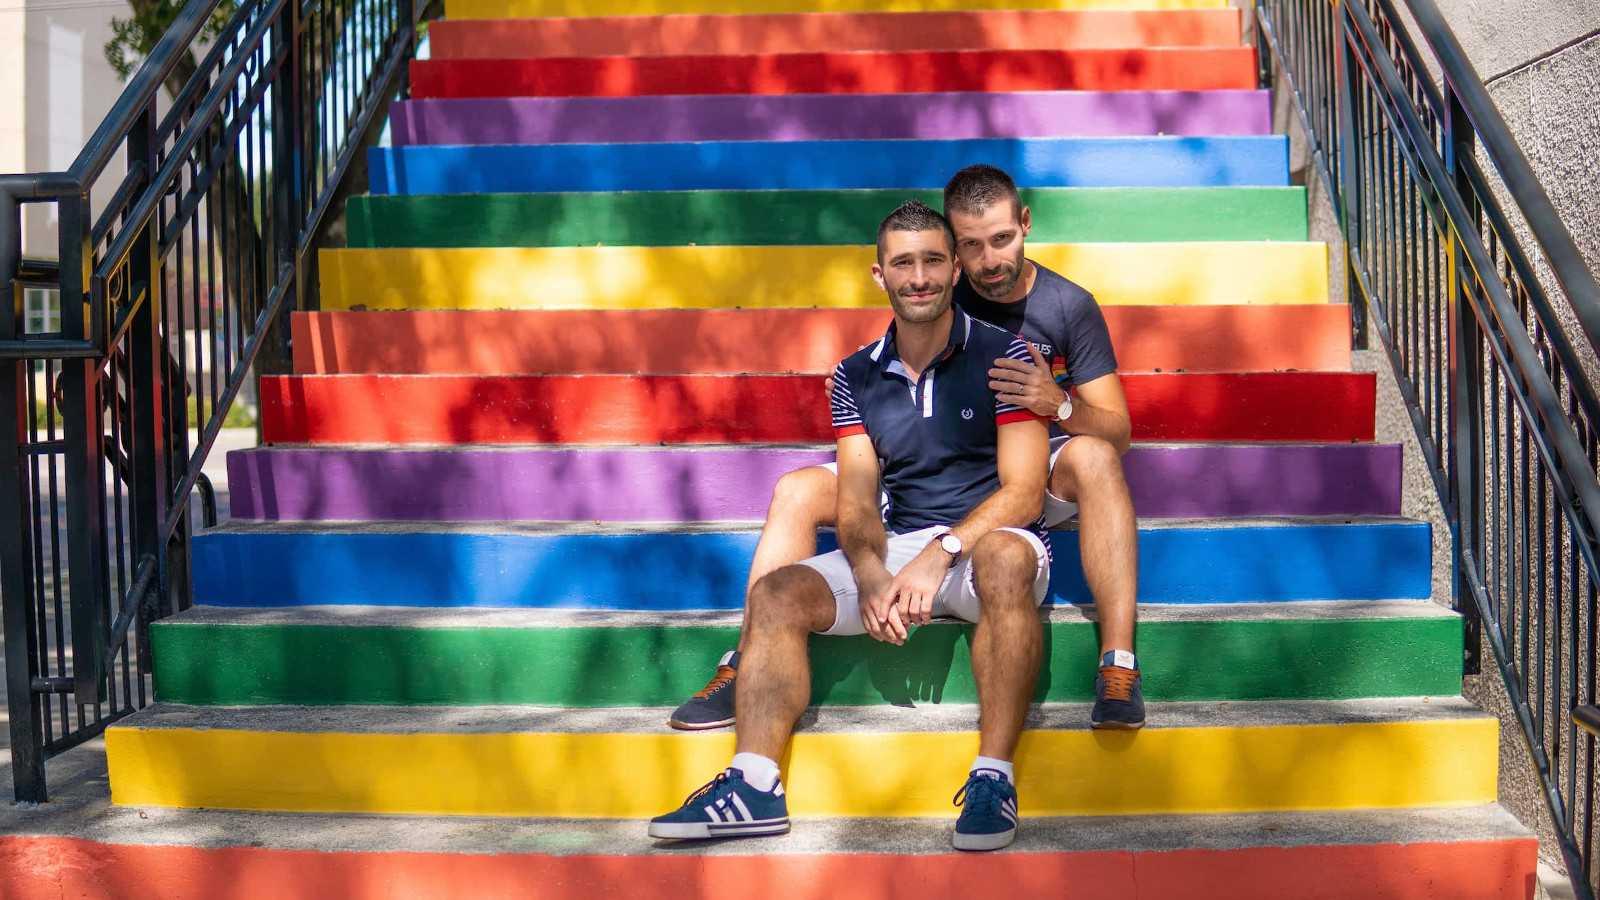 Ybor the gay neighborhood of Tampa